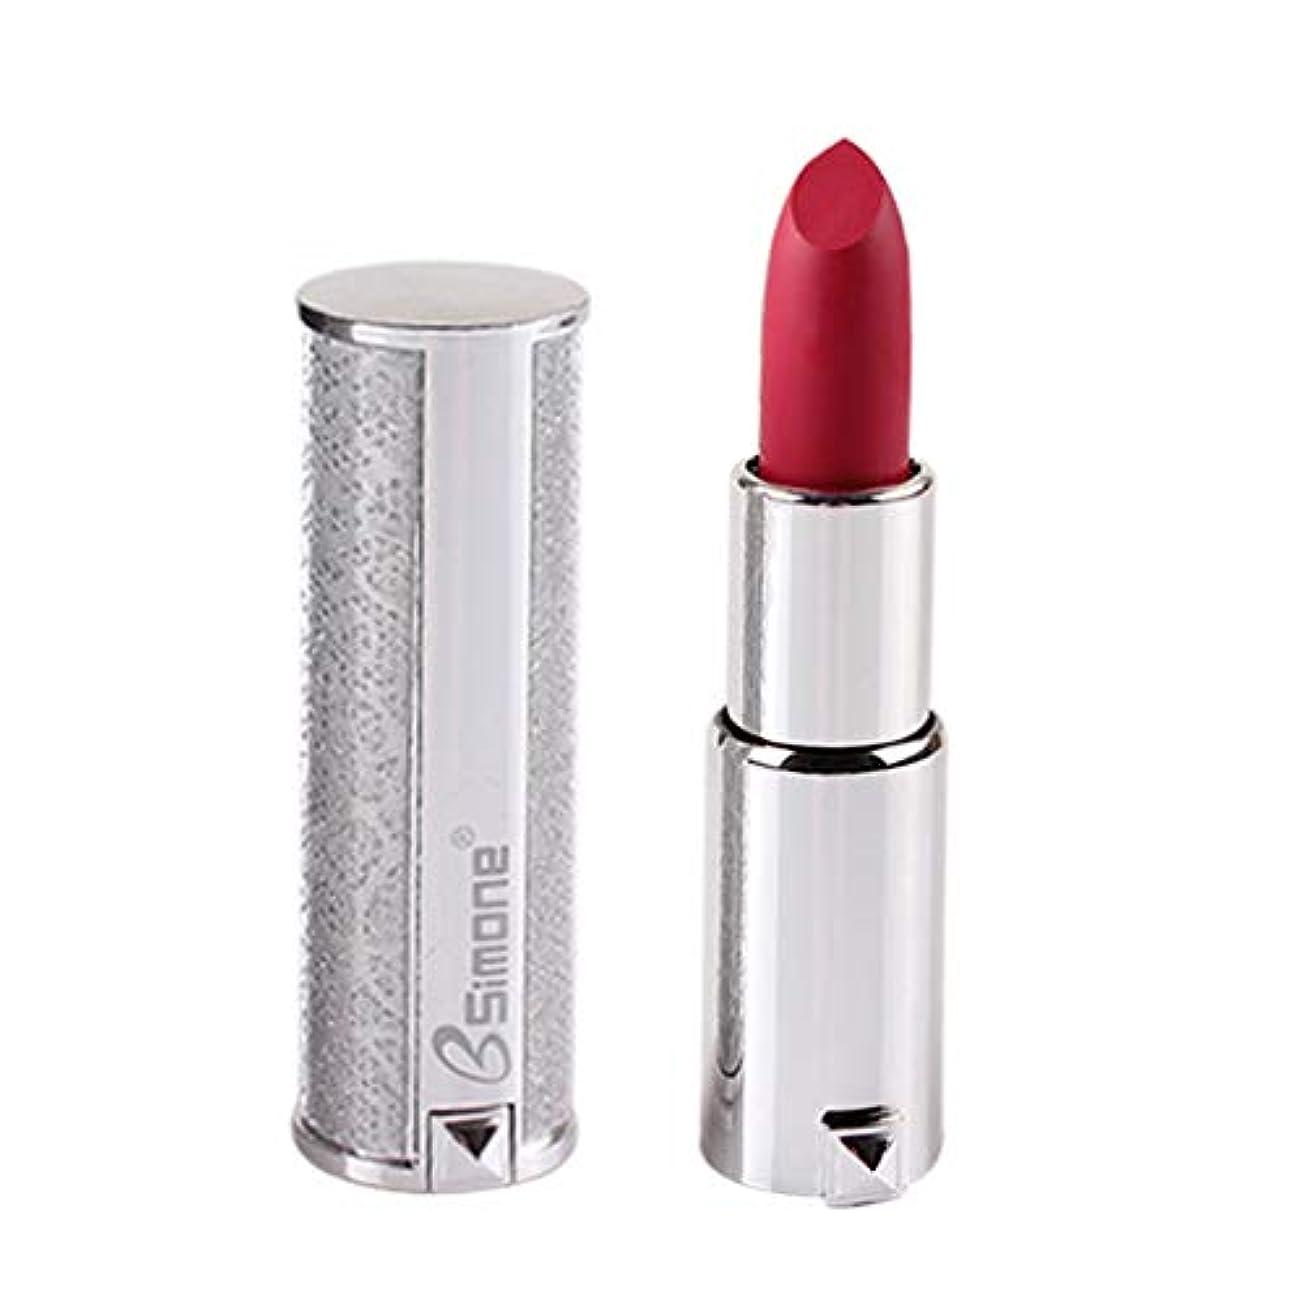 行為カウンタ居眠りする銀製の口紅の保湿剤のビロードの金属の口紅の化粧品の美の構造